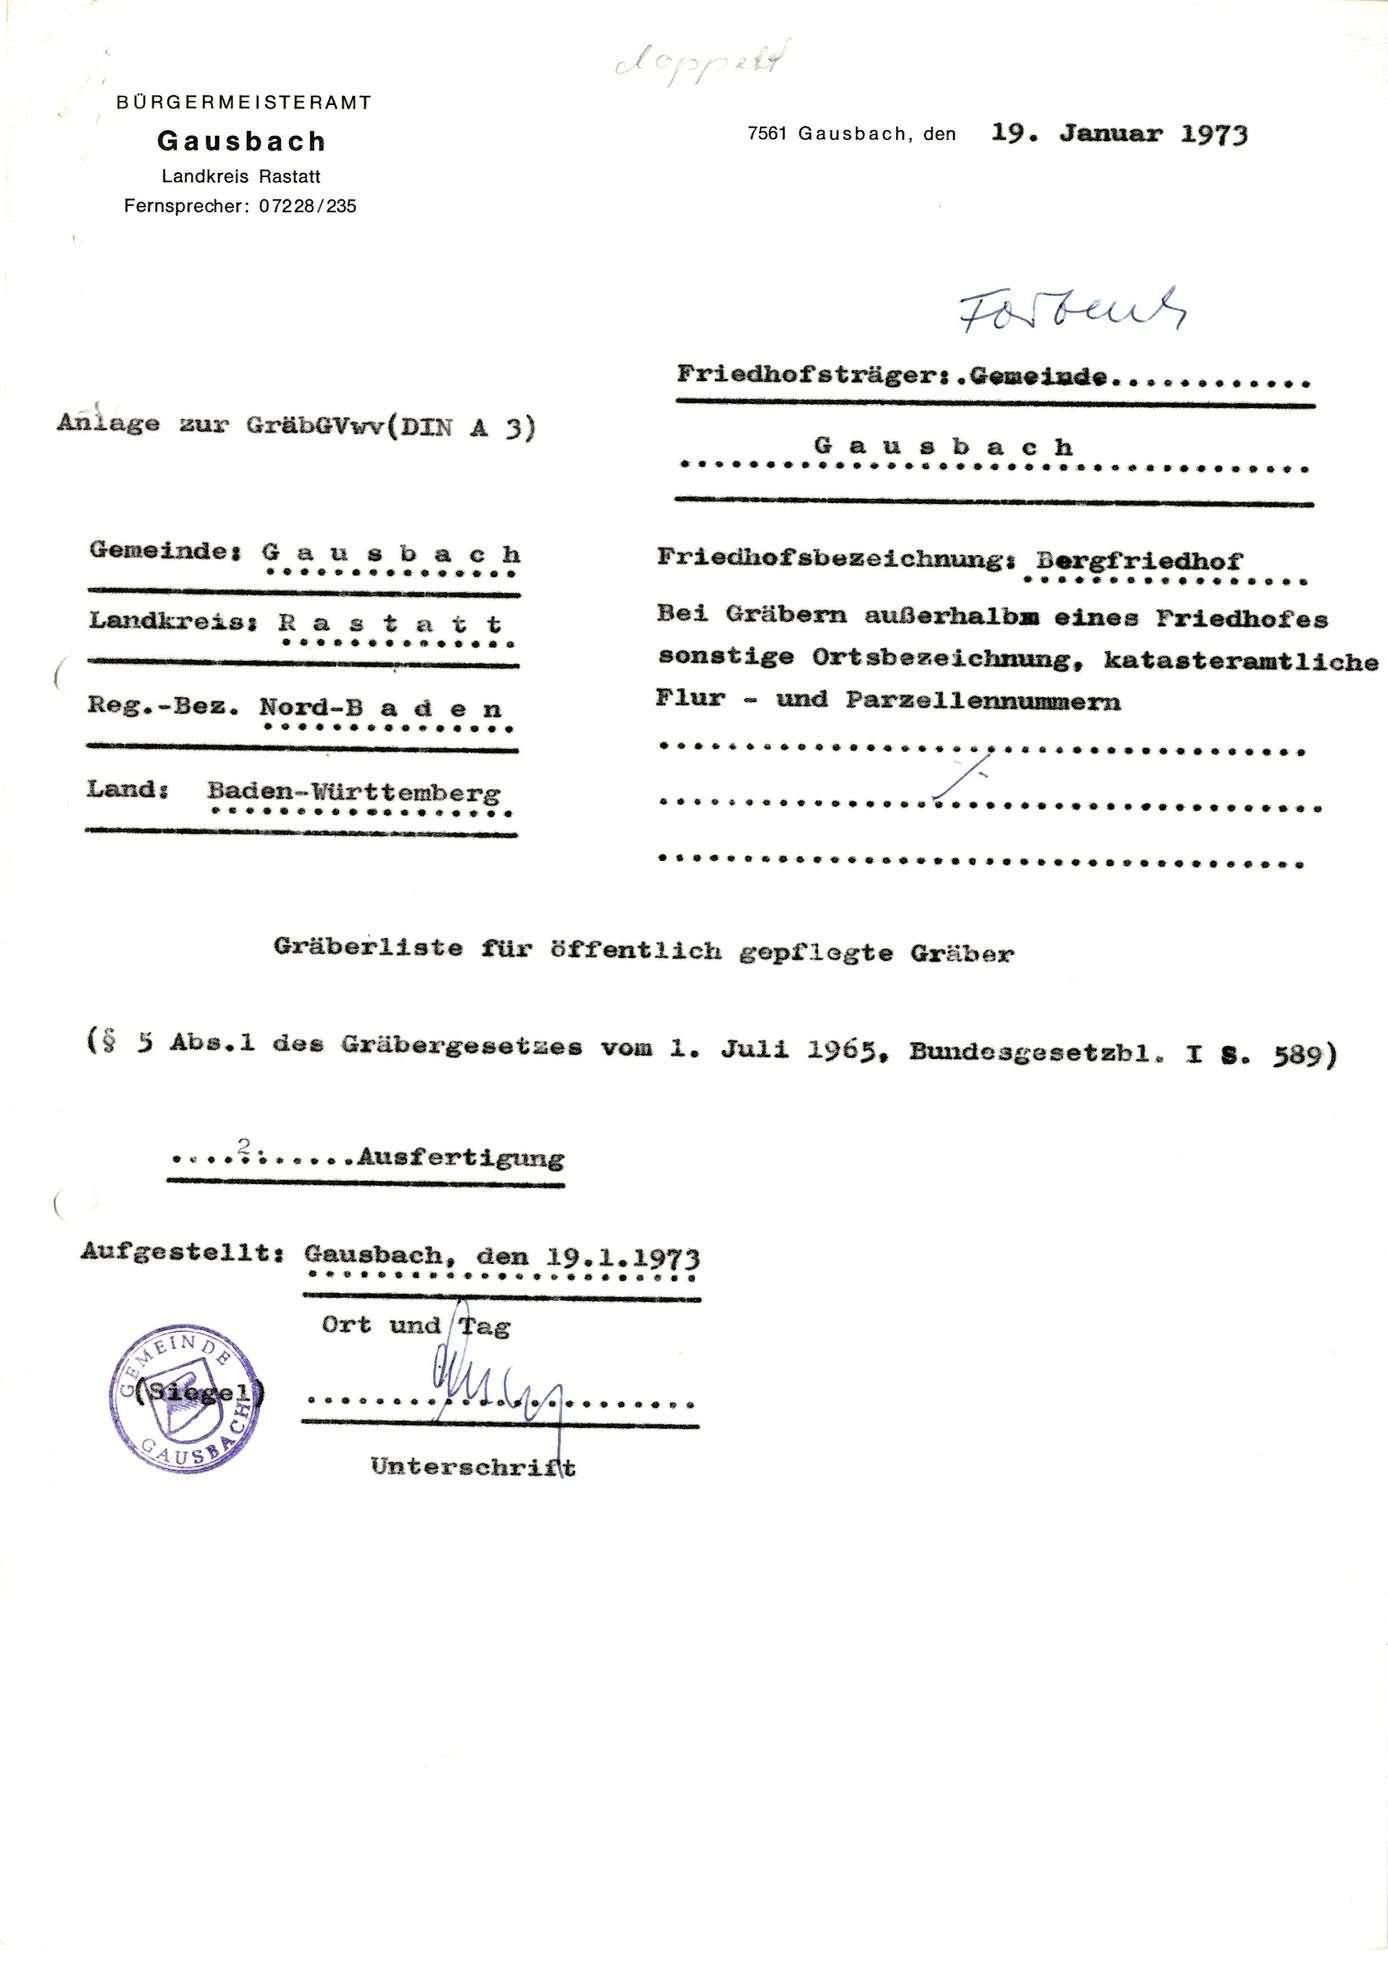 Gausbach, Bild 1